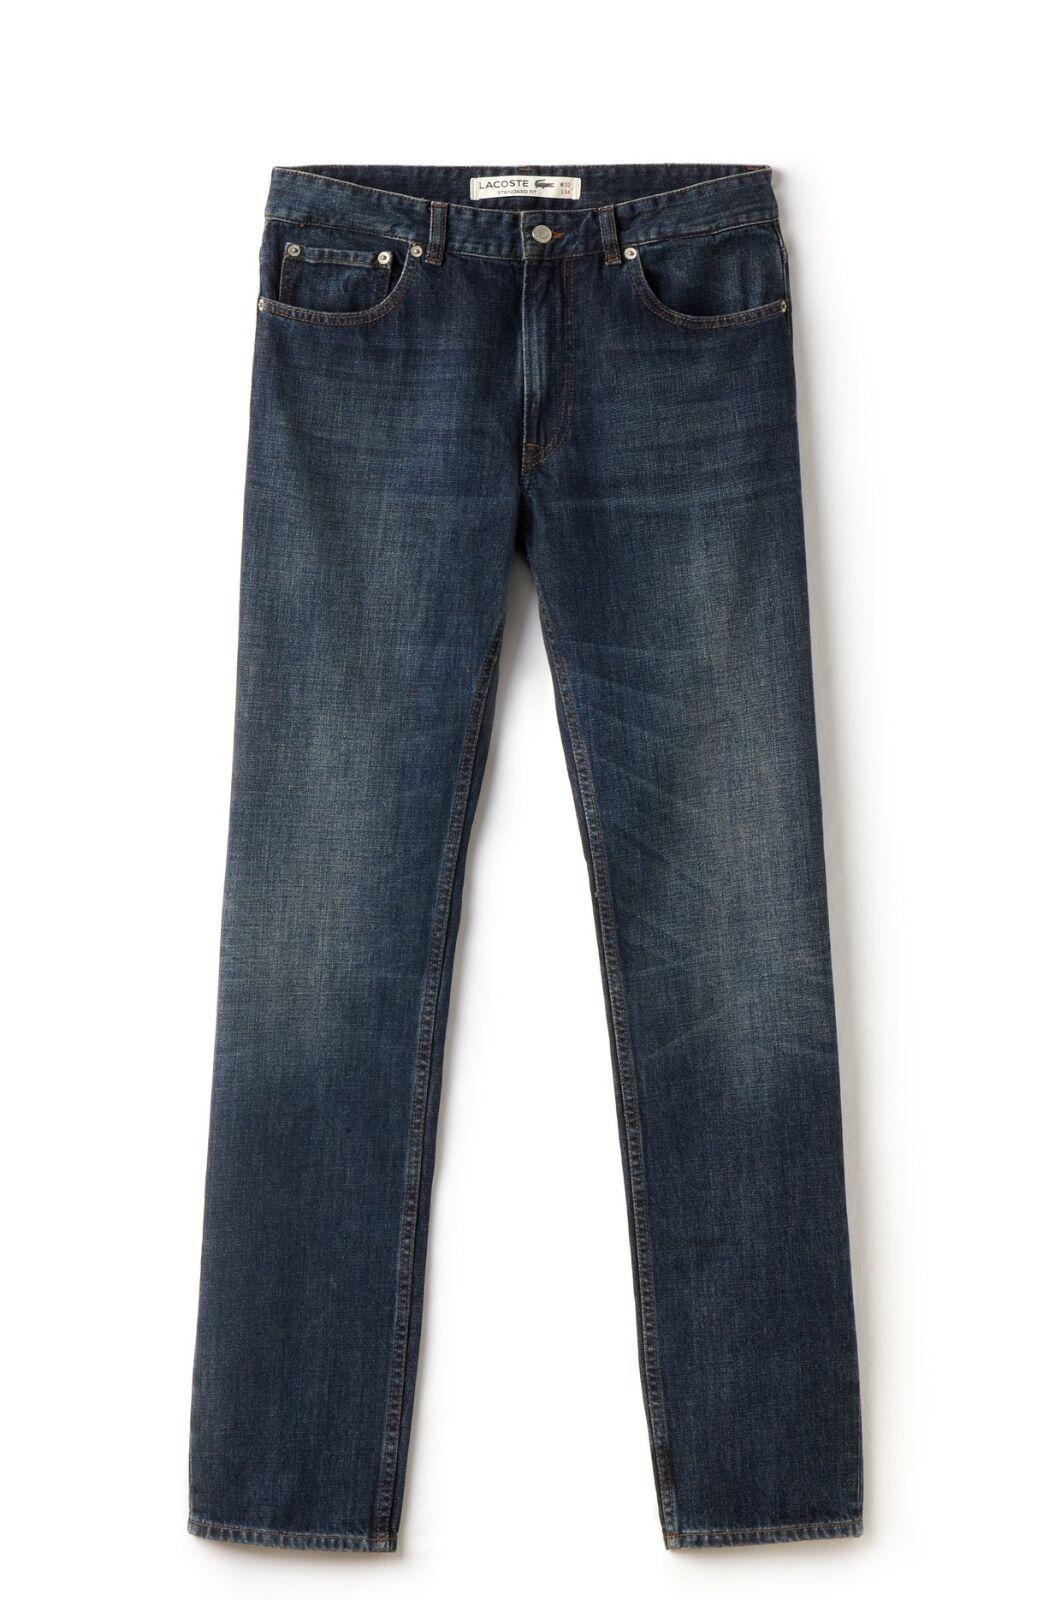 Lacoste Men's Standard Fit Jeans - Medium Wash - HH9489-24D - RRP